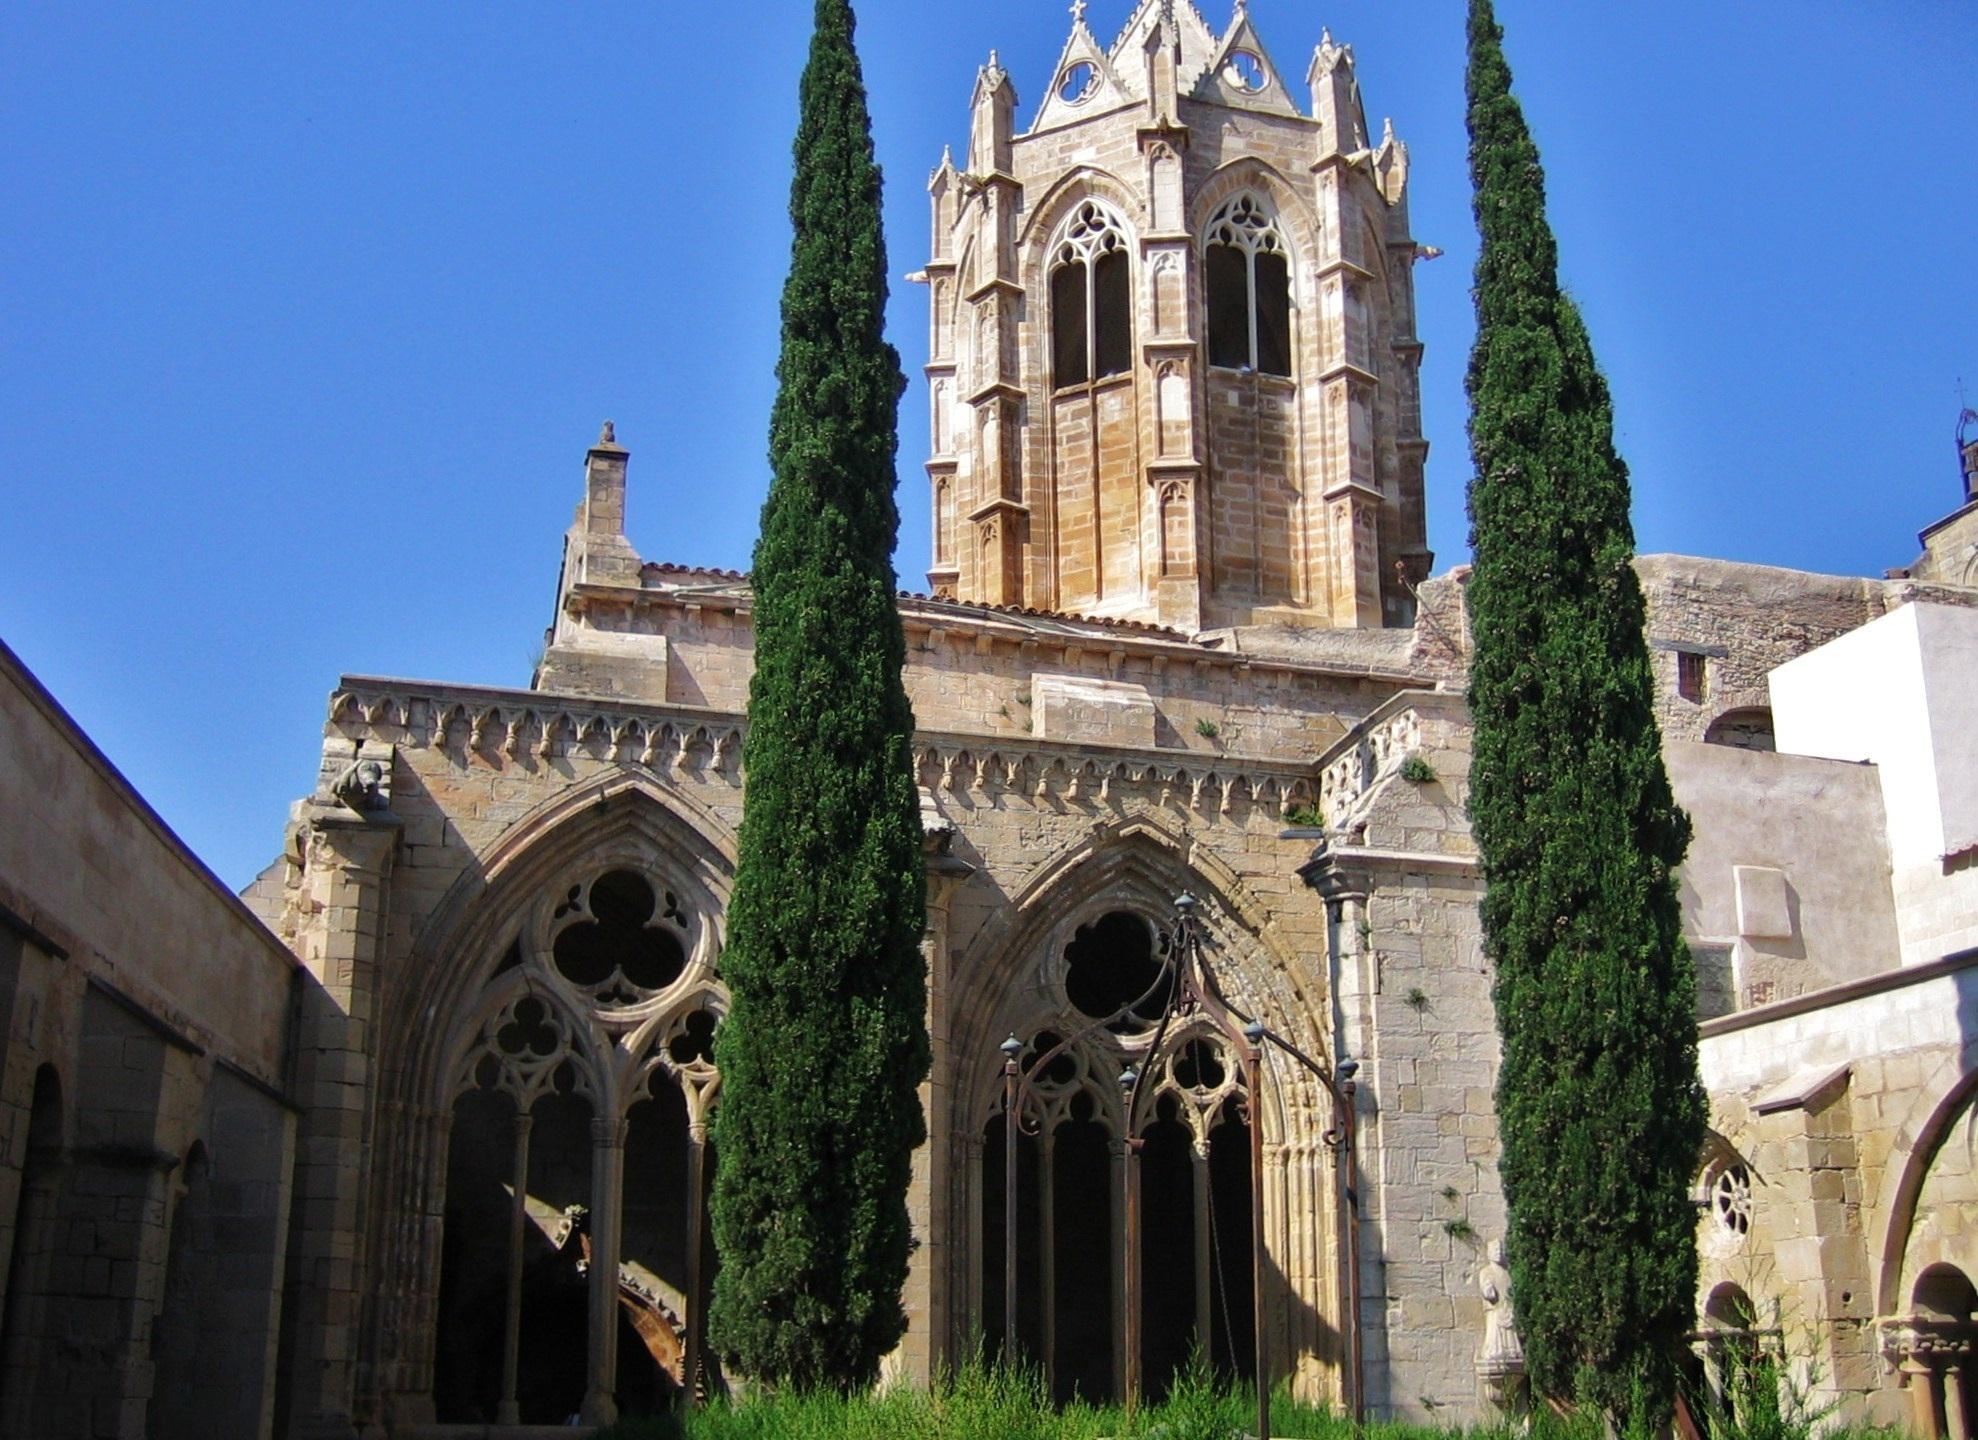 File:Monestir de Santa Maria de Vallbona (Vallbona de les Monges) - 2.jpg